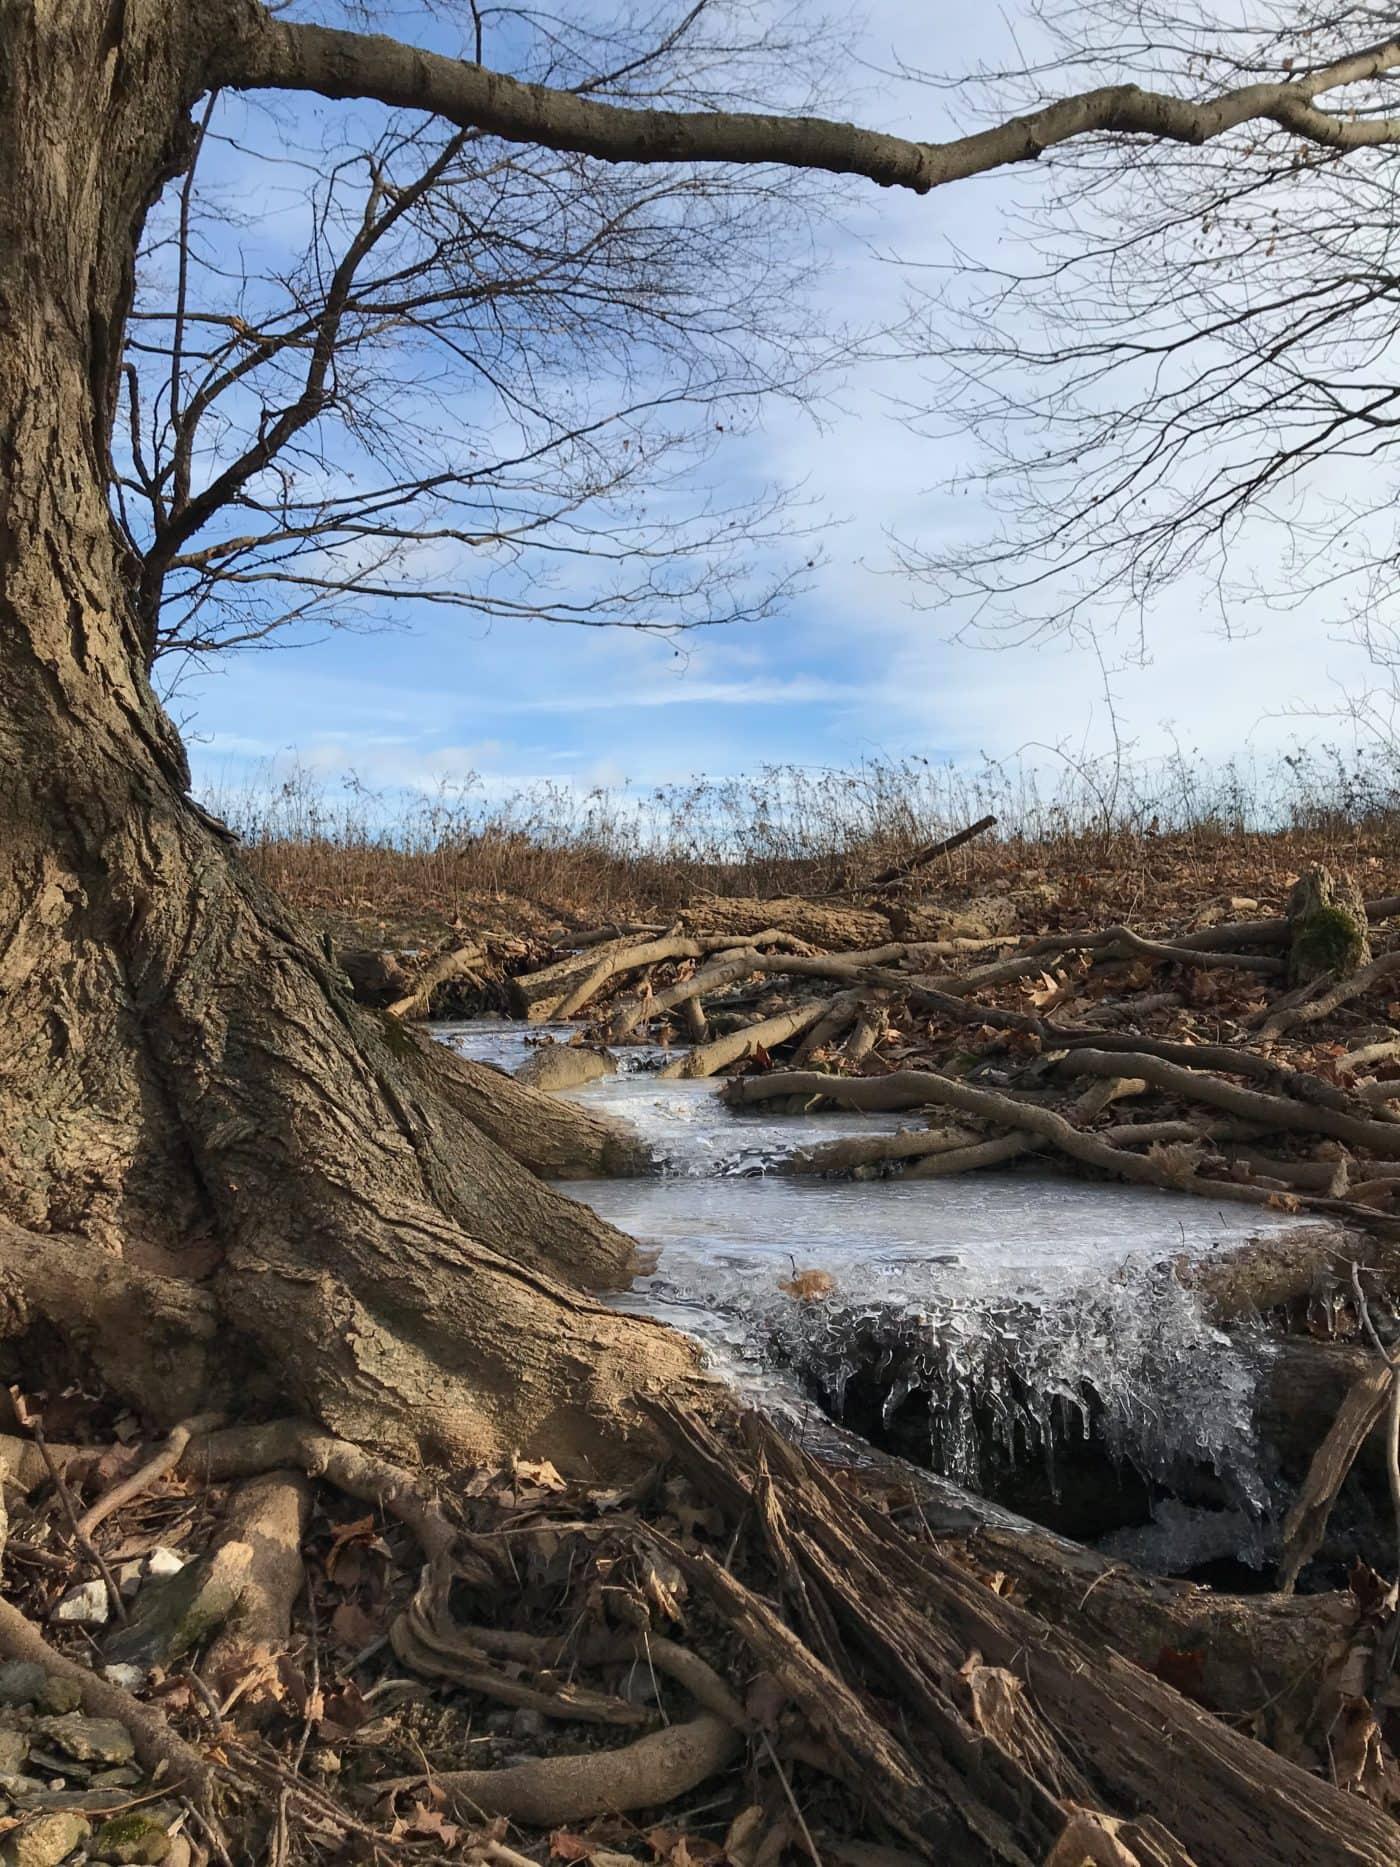 Overmountain Conservation Area